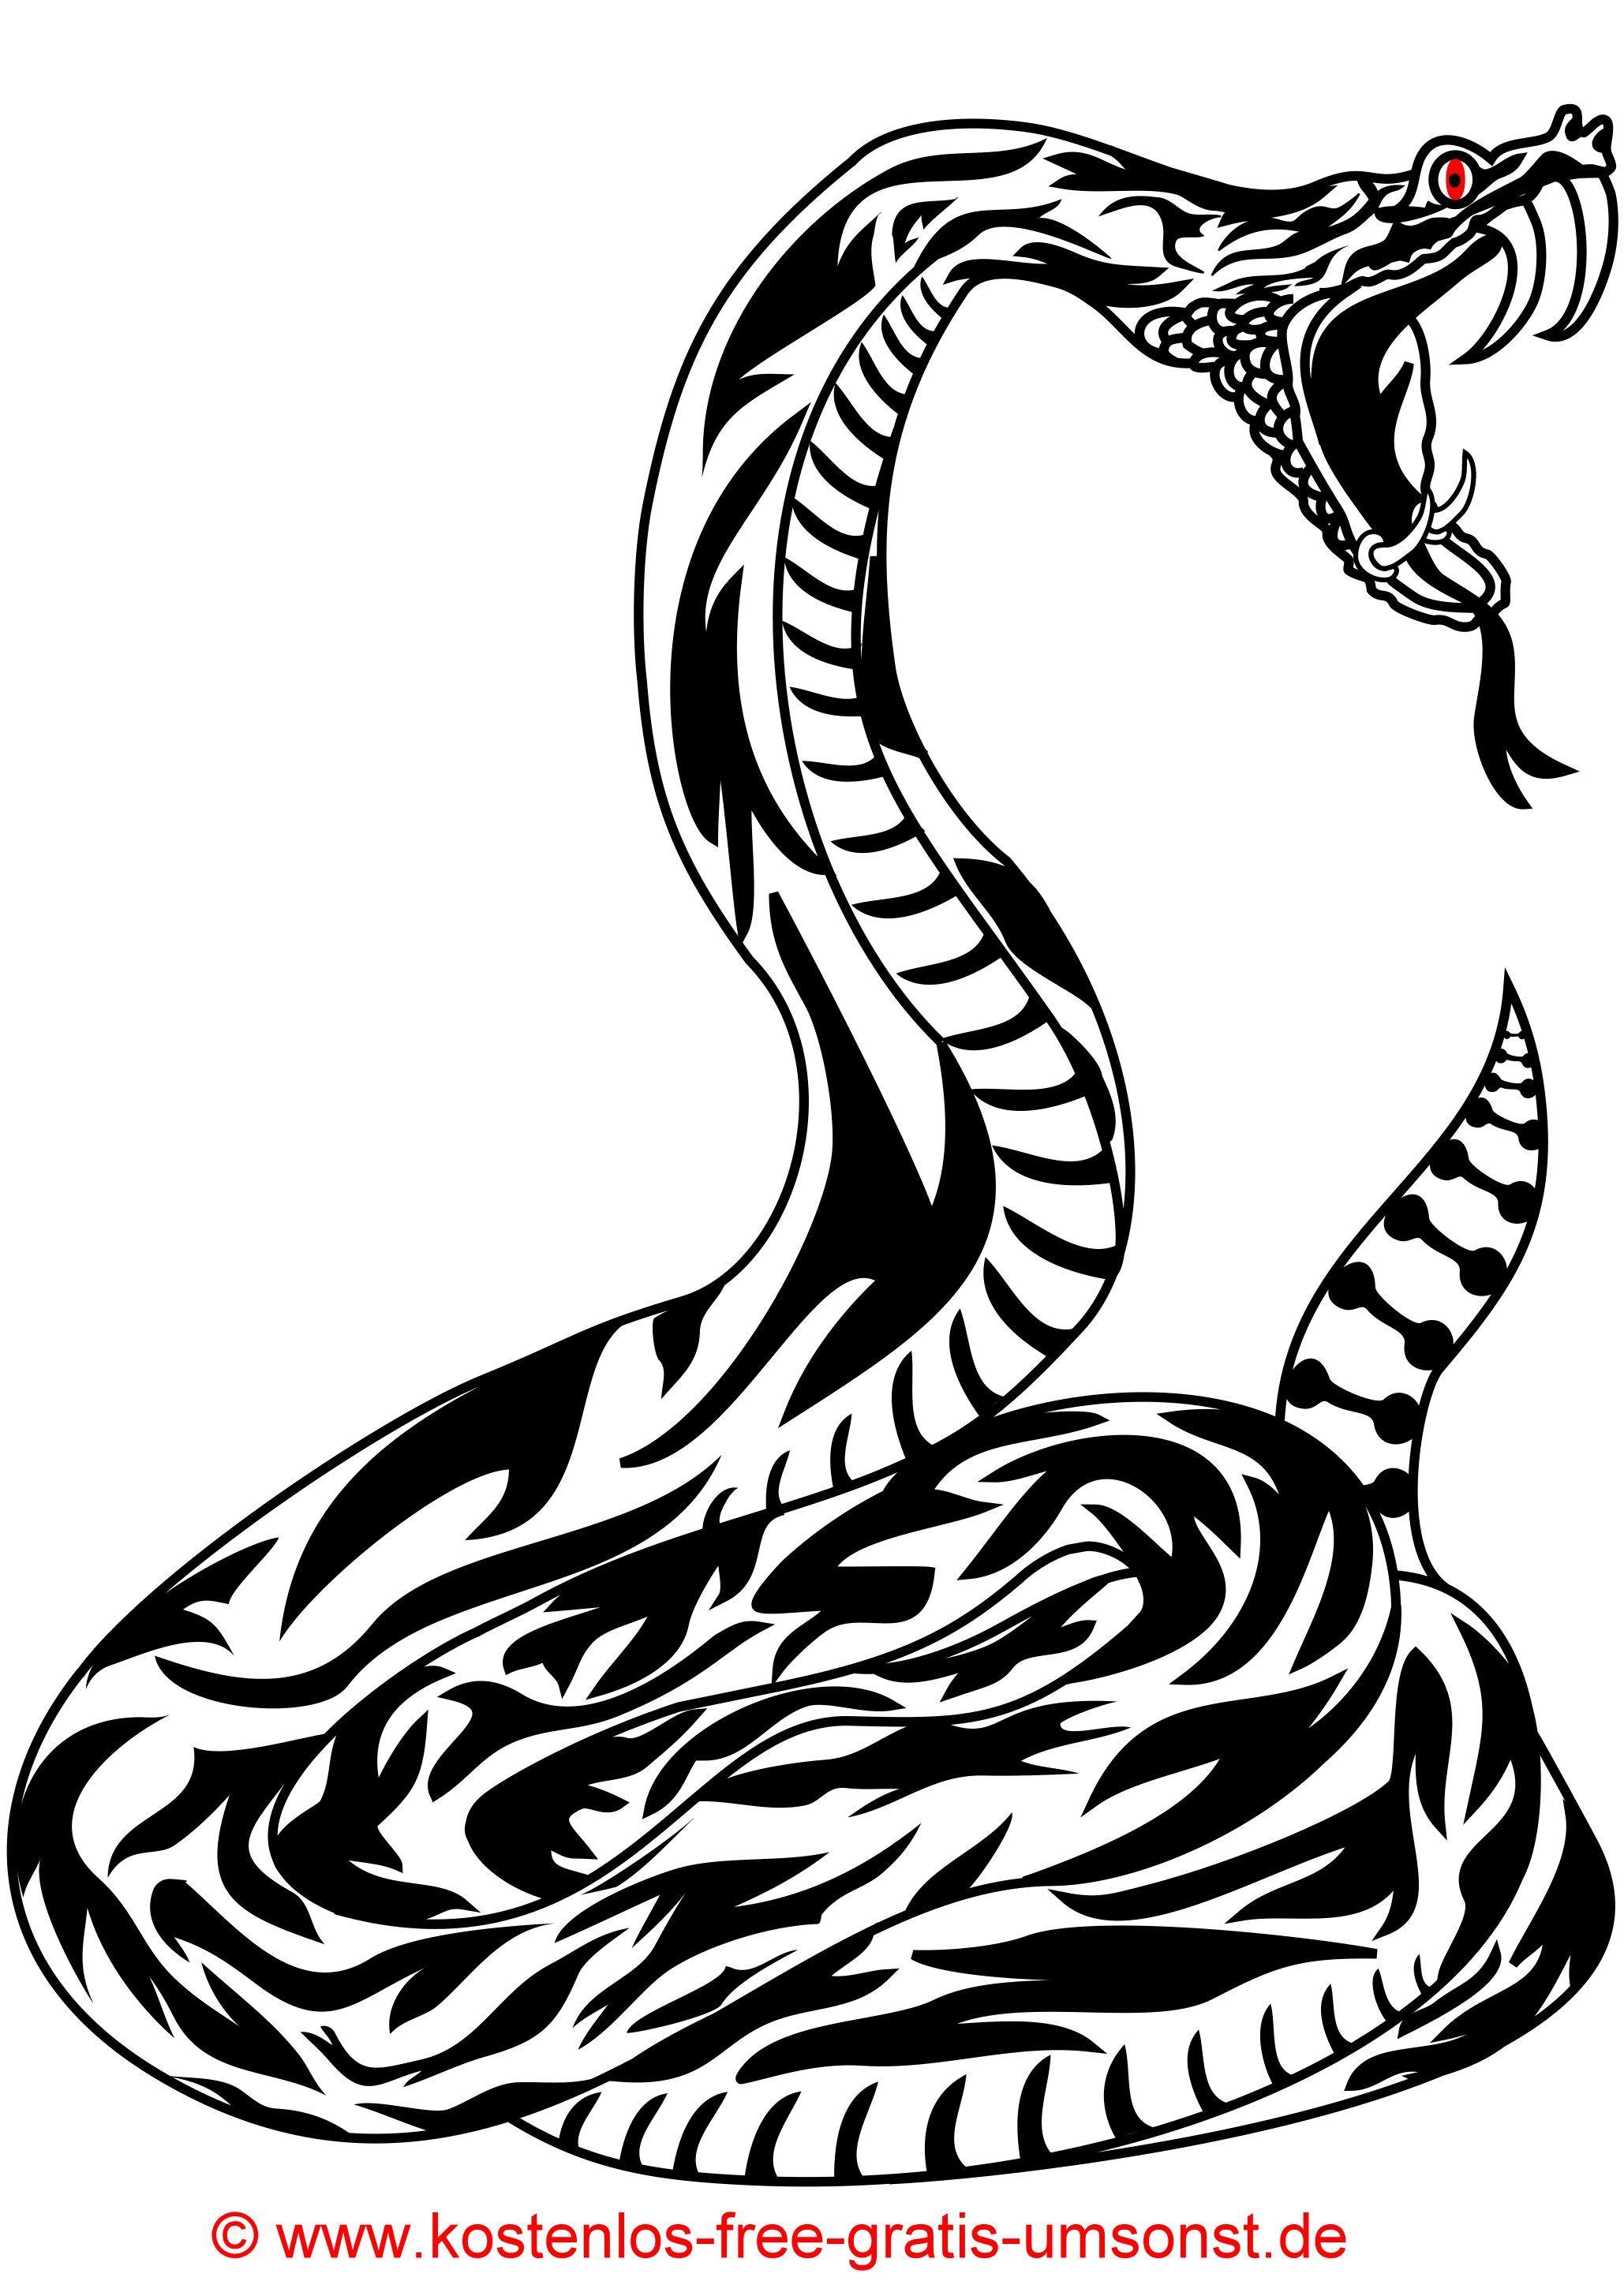 Kostenlose Schlangen Tattoobild Tattoovorlage Schwarz Tattoopicture Black Snake Tribaltattoo Tattomotive Tattoo Templates Black Snake Tattoo Snake Tattoo